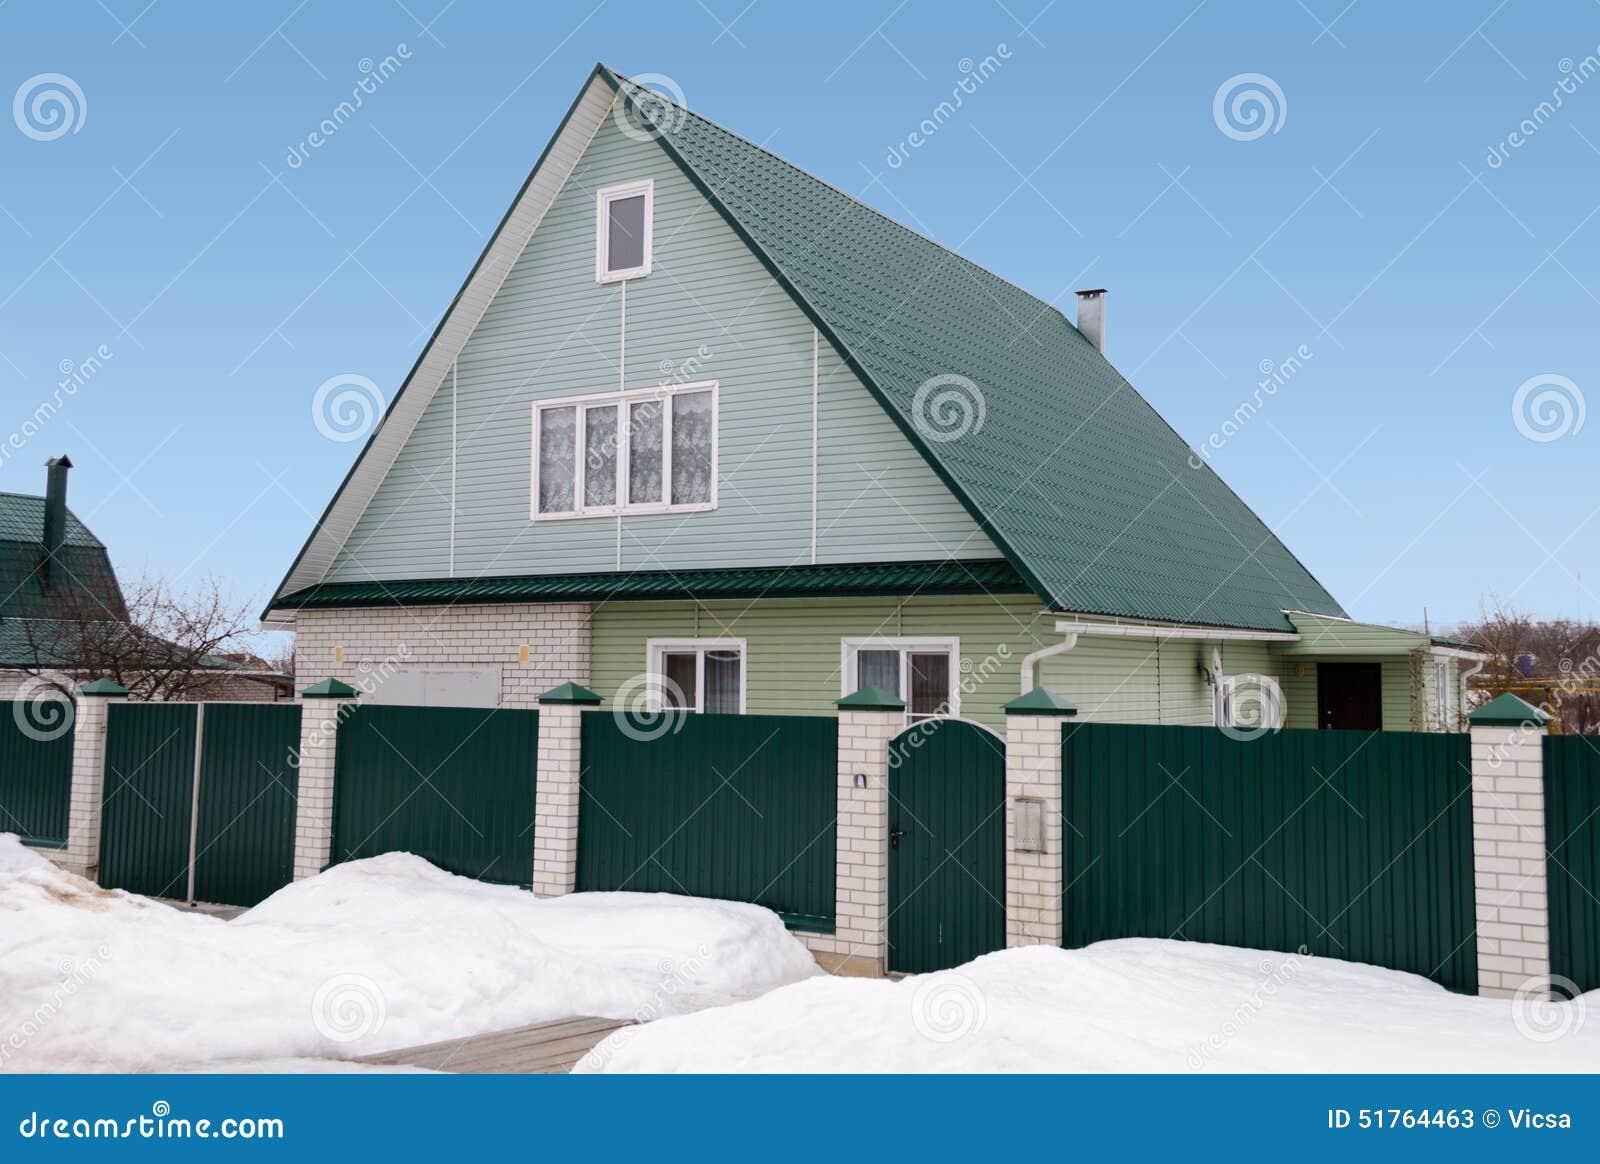 nouvelle maison de campagne avec la mansarde et le toit vert photo stock image 51764463. Black Bedroom Furniture Sets. Home Design Ideas